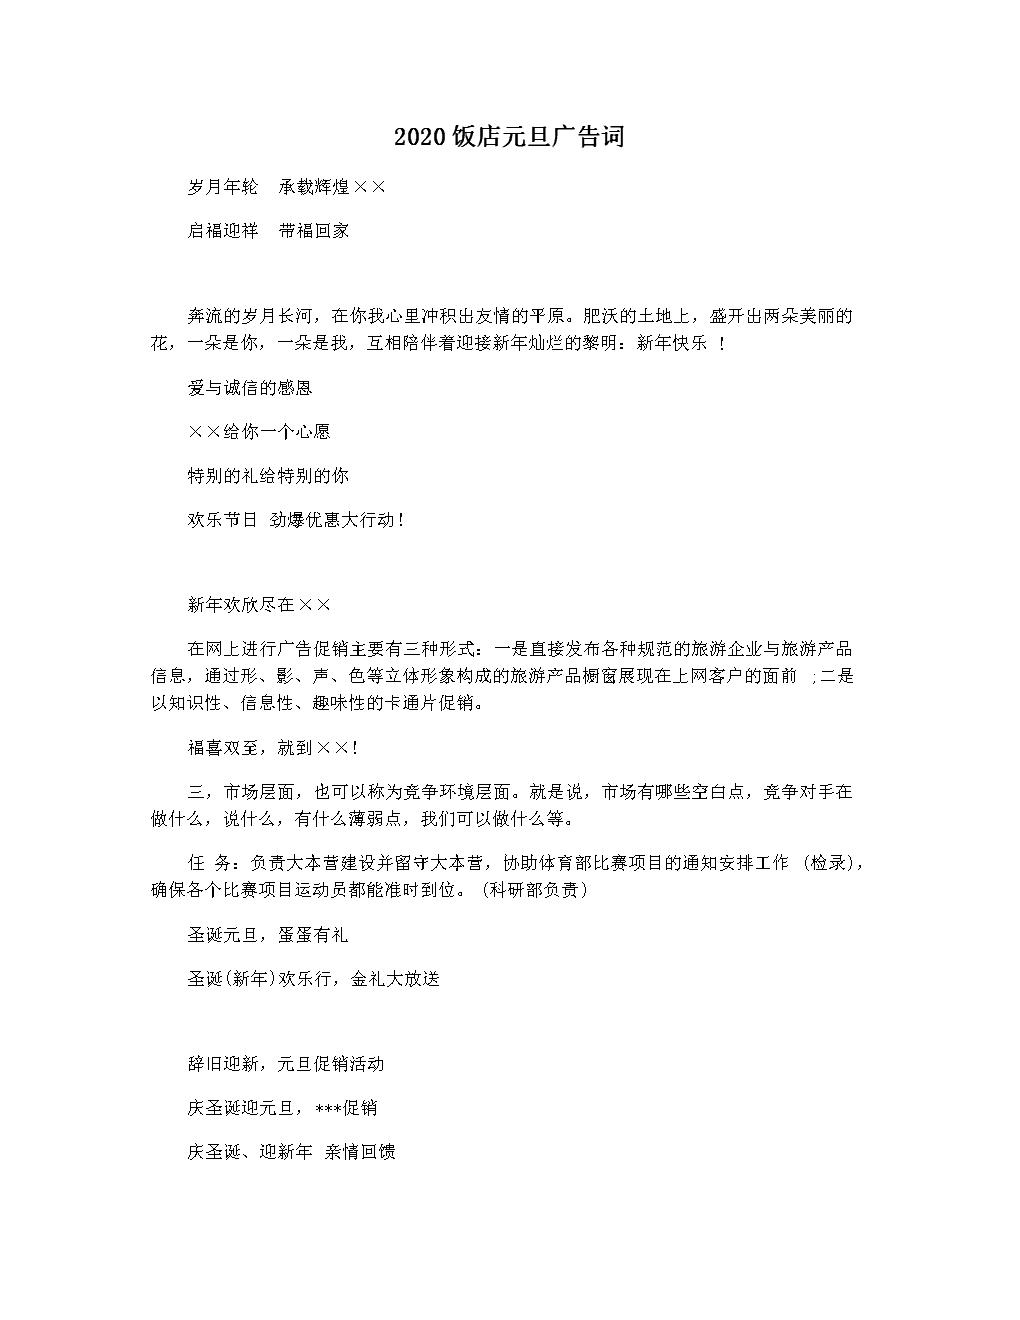 2020饭店元旦广告词.docx